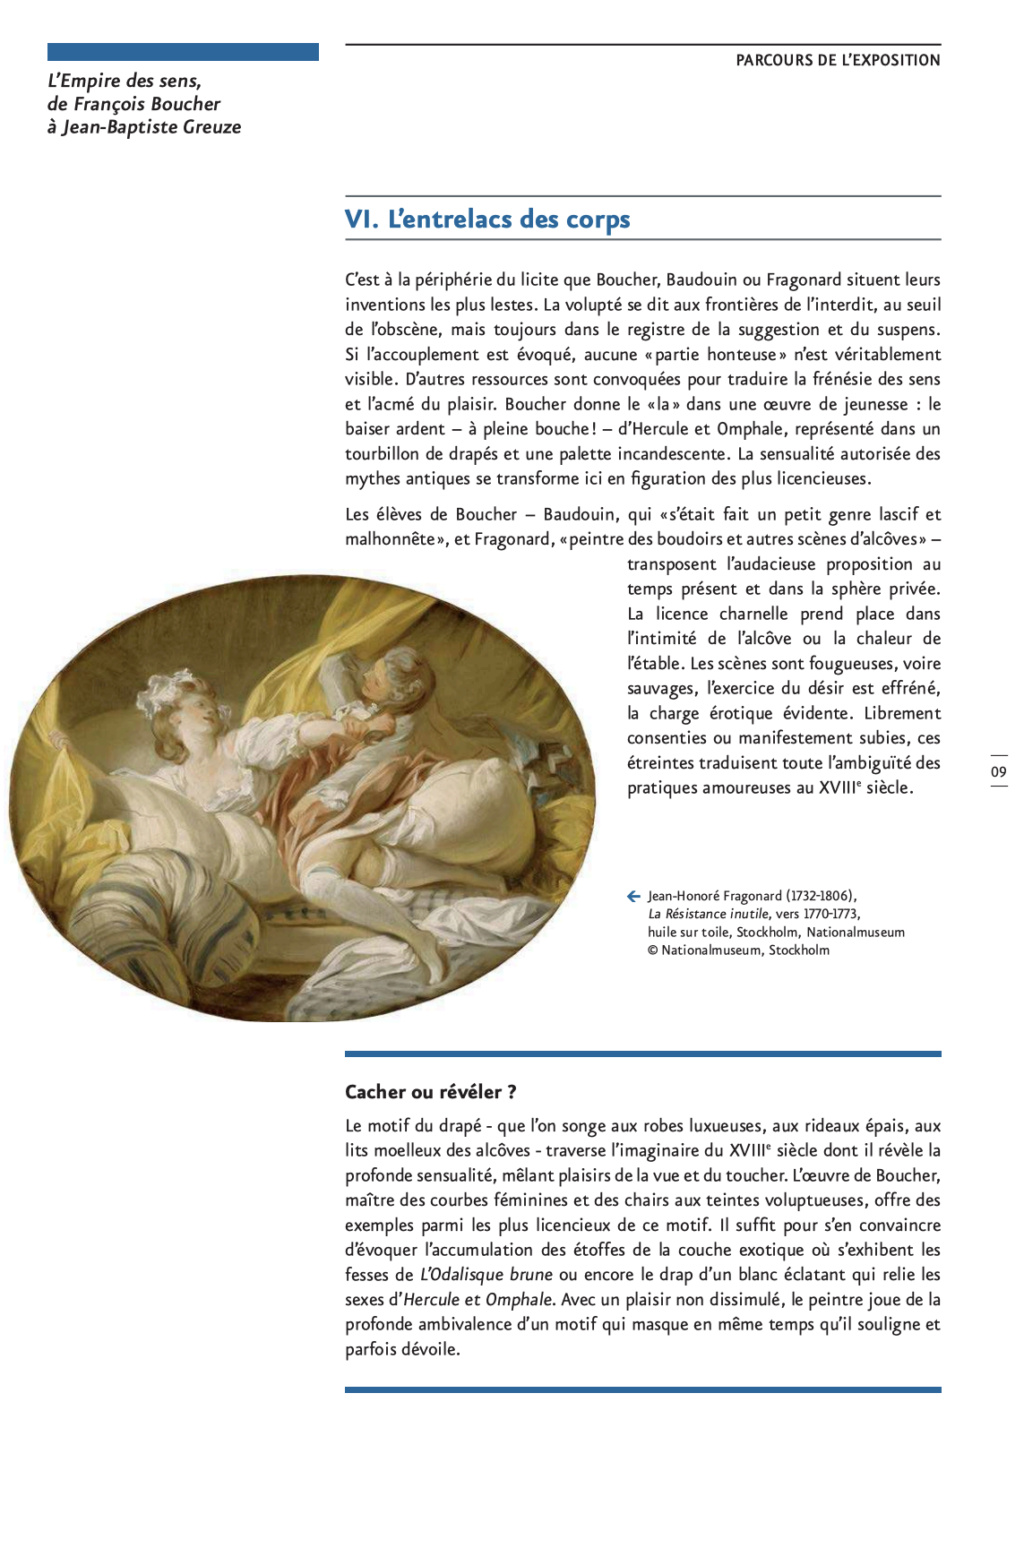 Exposition : L'Empire des sens, de François Boucher à Jean-Baptiste Greuze, au musée Cognacq-Jay Capt2872